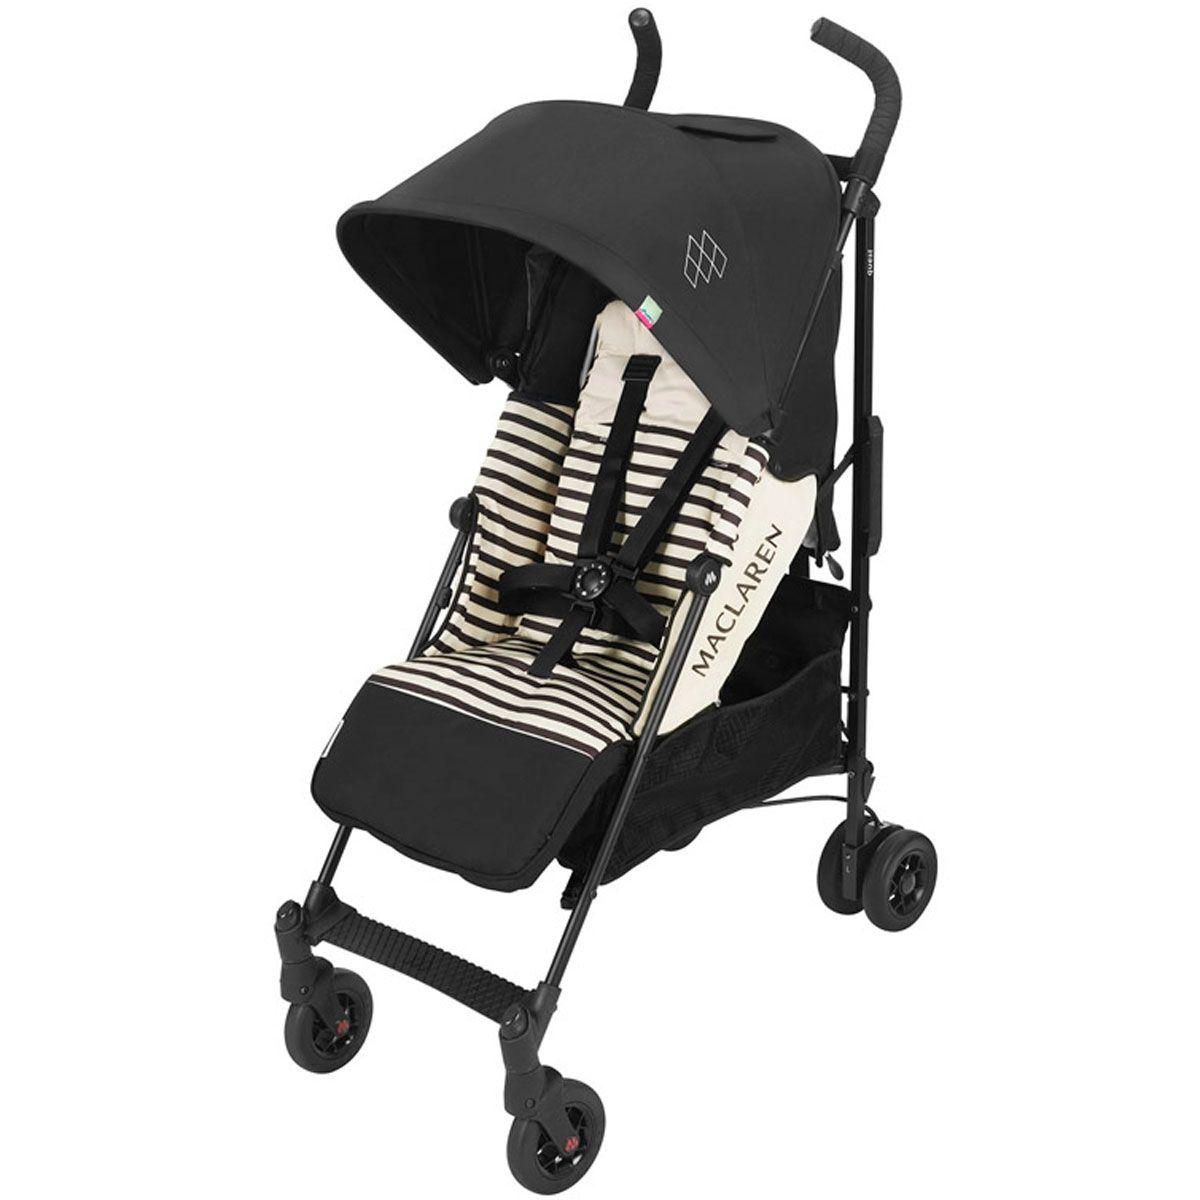 silla de paseo mejor valorada del 2018